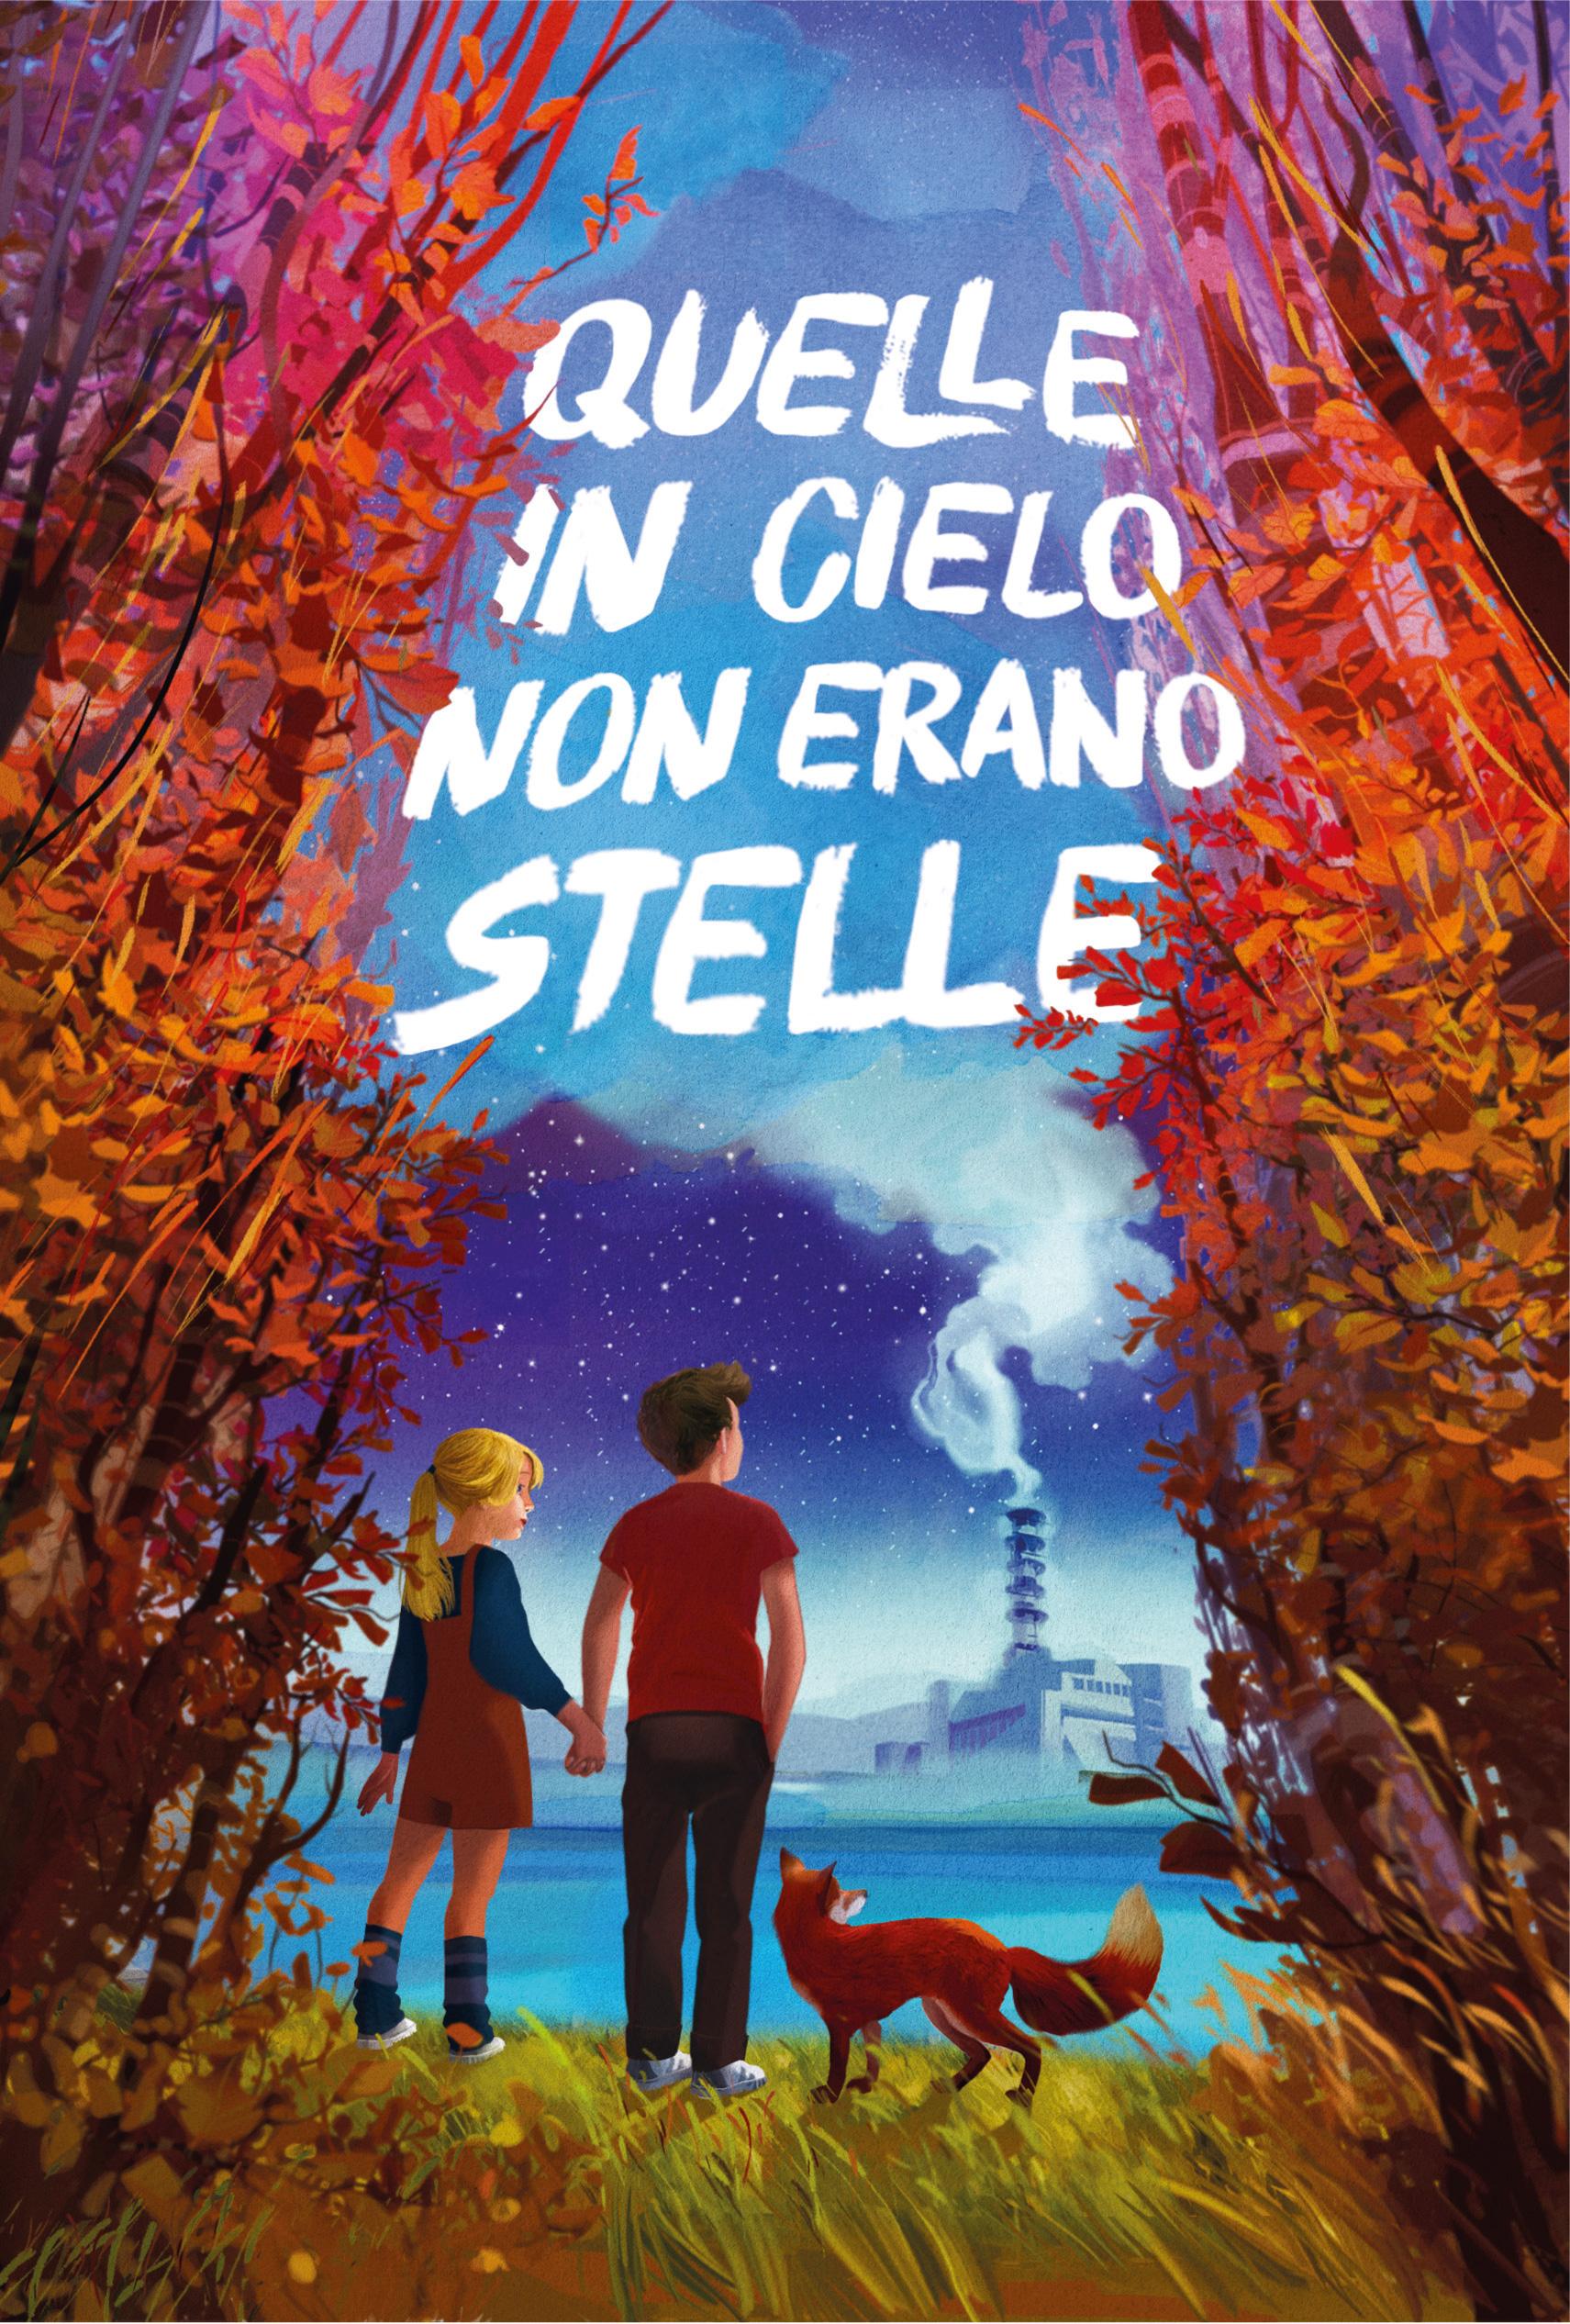 Nicoletta Bortolotti - Quelle in cielo non erano stelle